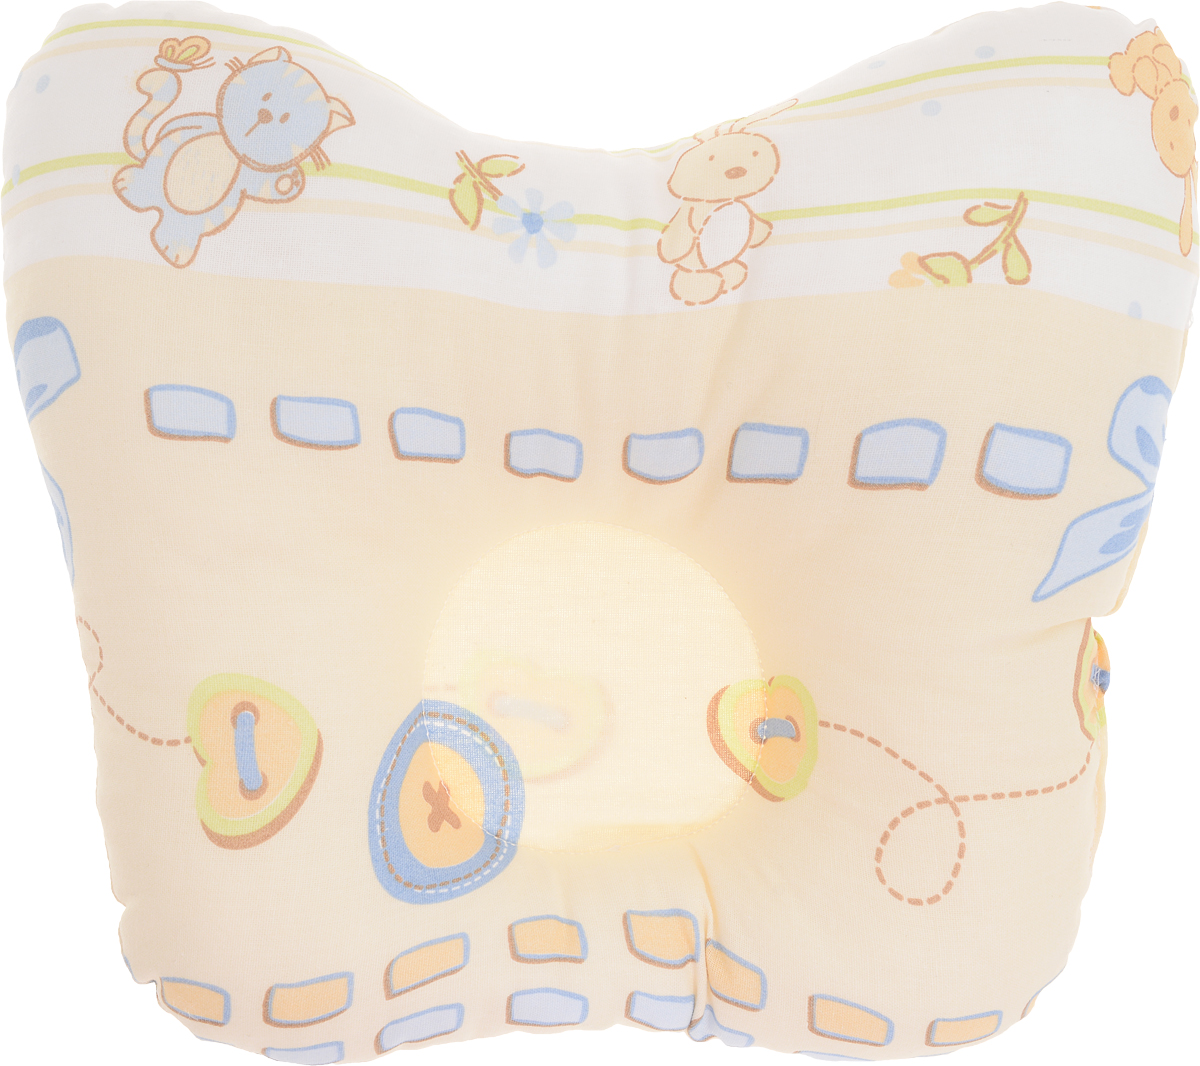 """Анатомическая подушка для младенцев Сонный гномик """"Заяц и кот"""" компактна и удобна для пеленания малыша и кормления на руках, она также незаменима для сна ребенка в кроватке и комфортна для использования в коляске на прогулке. Углубление в подушке фиксирует правильное положение головы ребенка.Подушка помогает правильному формированию шейного отдела позвоночника."""